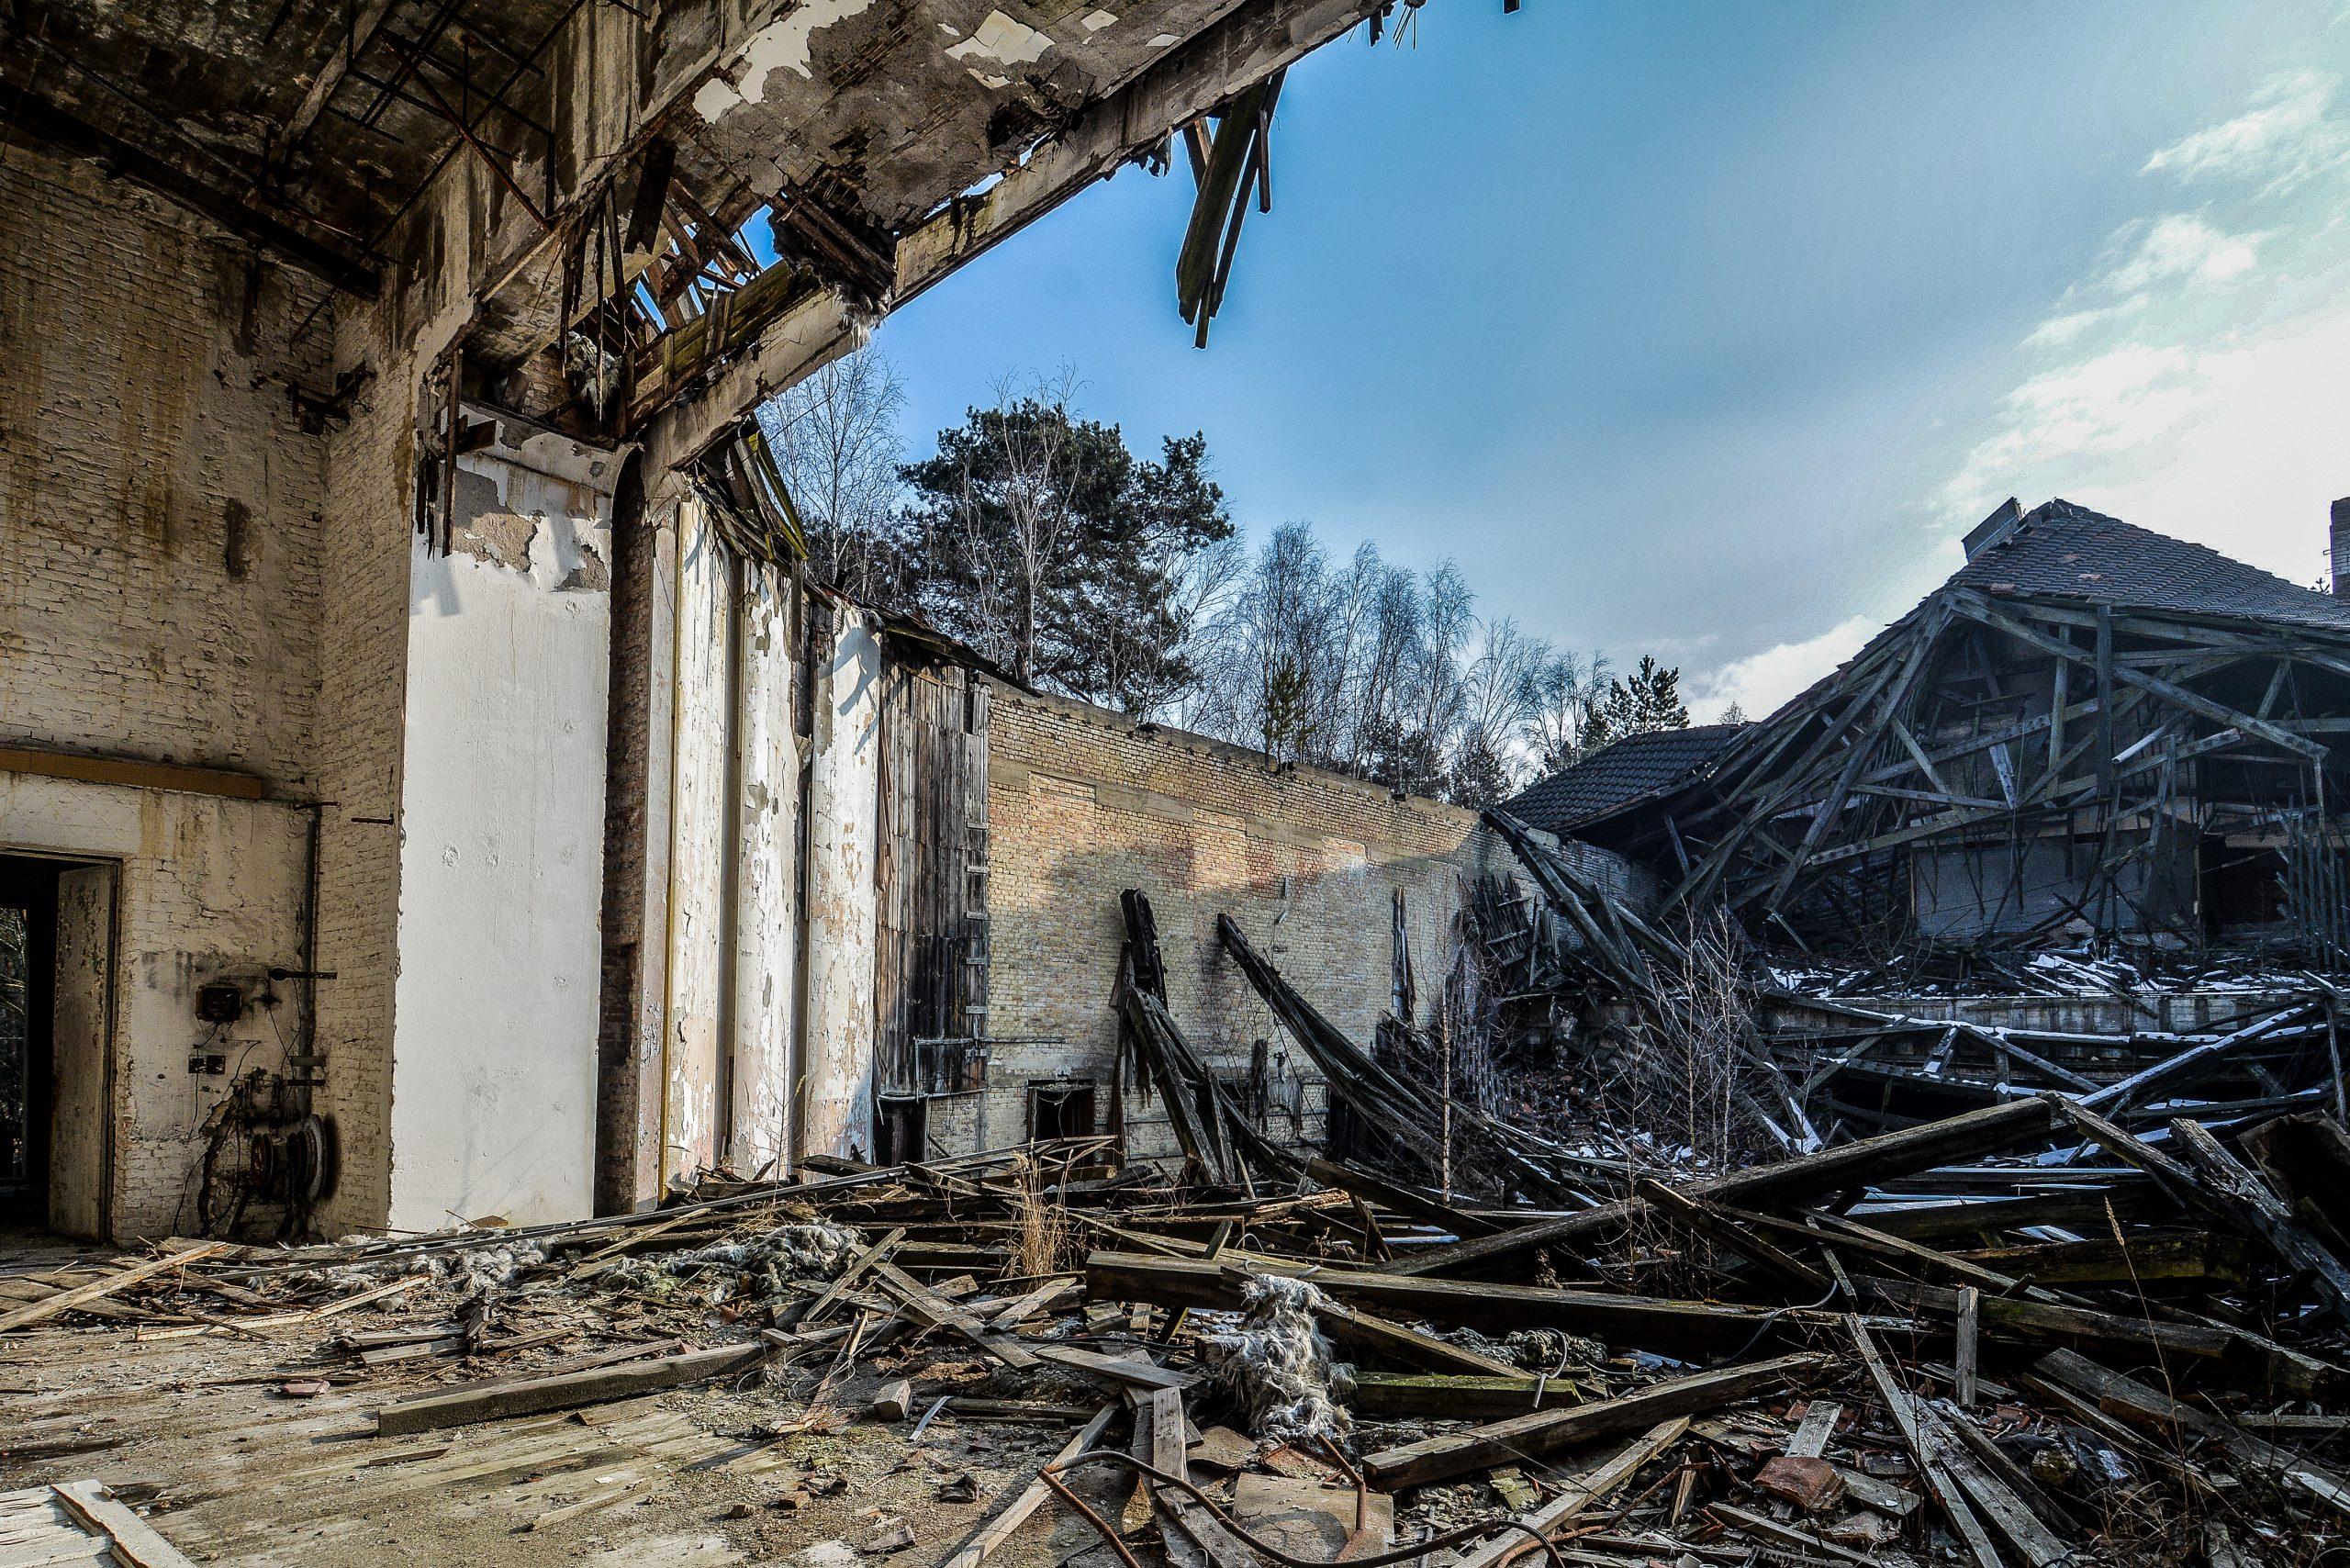 theather stager forst zinna adolf hitler lager luckenwalde juterbog sowjet kaserne soviet military barracks germany lost places urbex abandoned